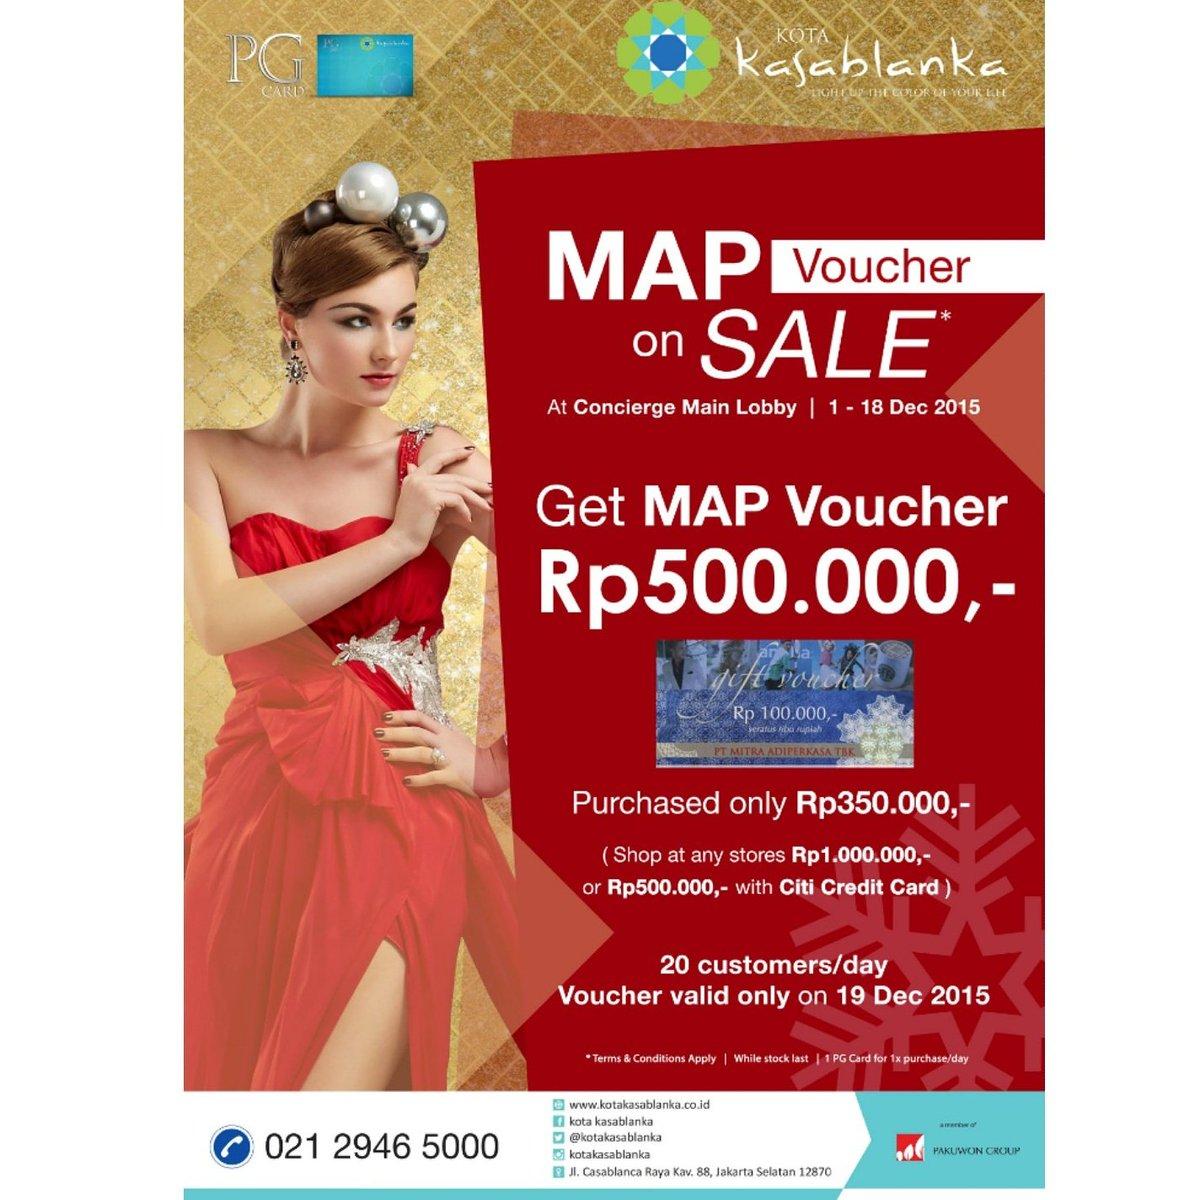 Tempat Jual Voucher Map Nominal 500000 Update 2018 Rp100000 Daftar Harga Terbaru Dan Terupdate Indonesia Kota Kasablanka On Twitter 20 Customers